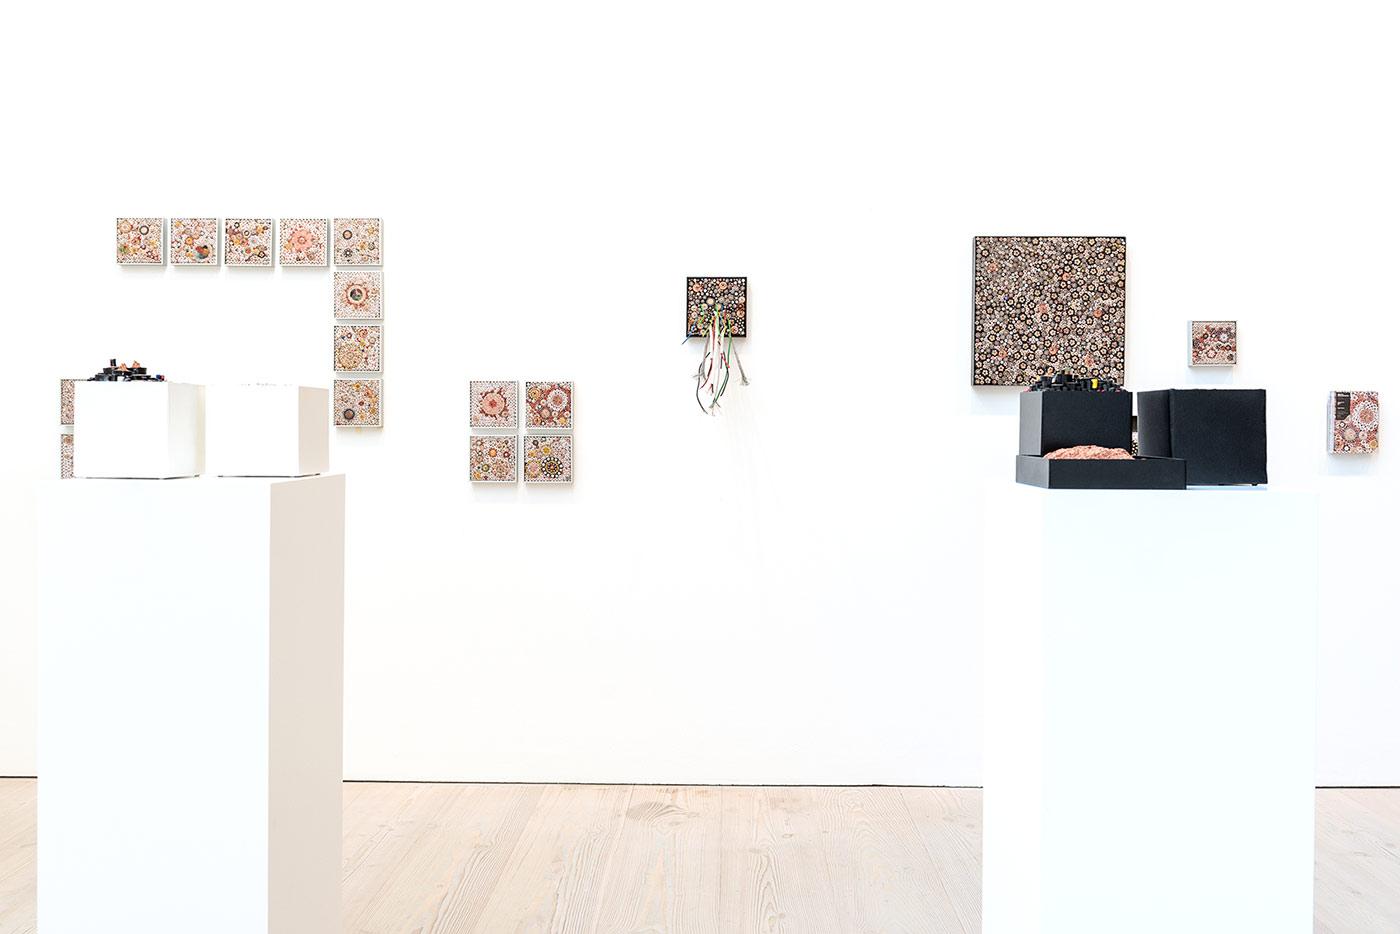 Ingrid-Bolton-Cellular-installation